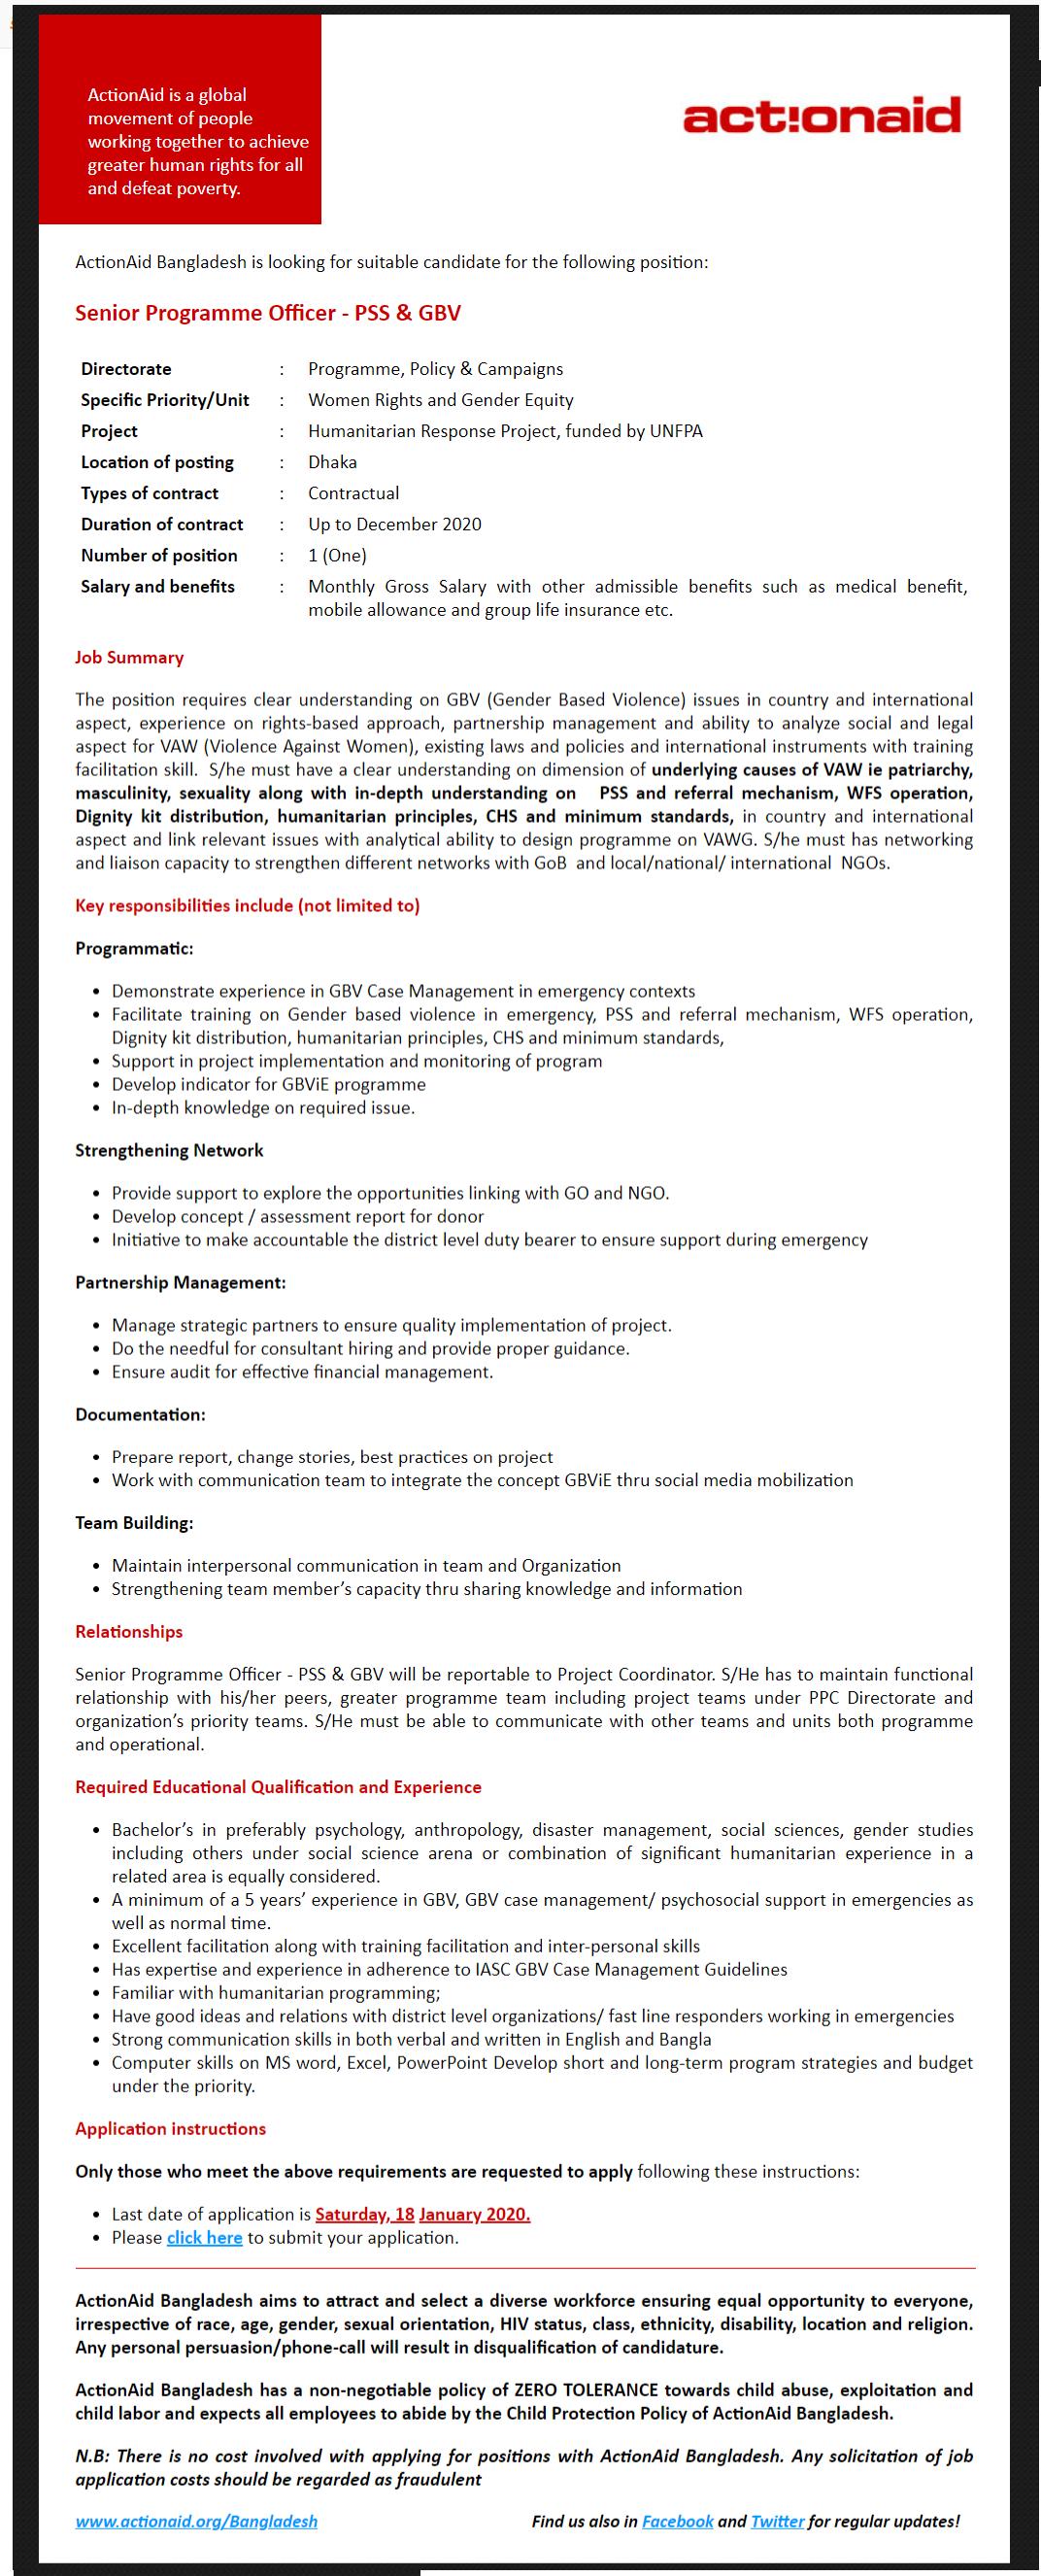 ActionAid Bangladesh Job Circular 2020